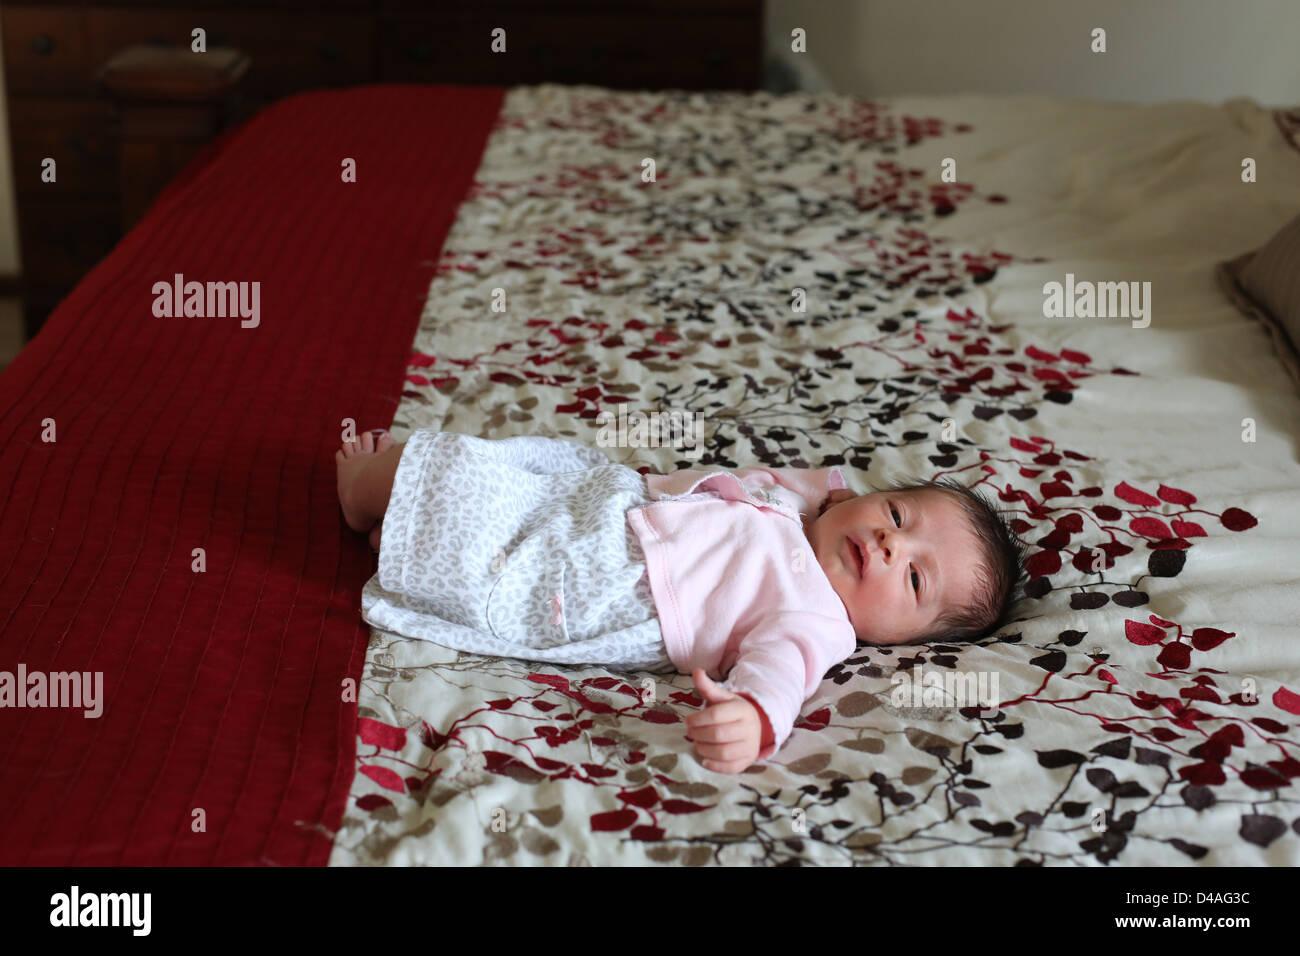 Ein kleines neugeborenes Baby liegend auf einem großen Bett. Stockfoto